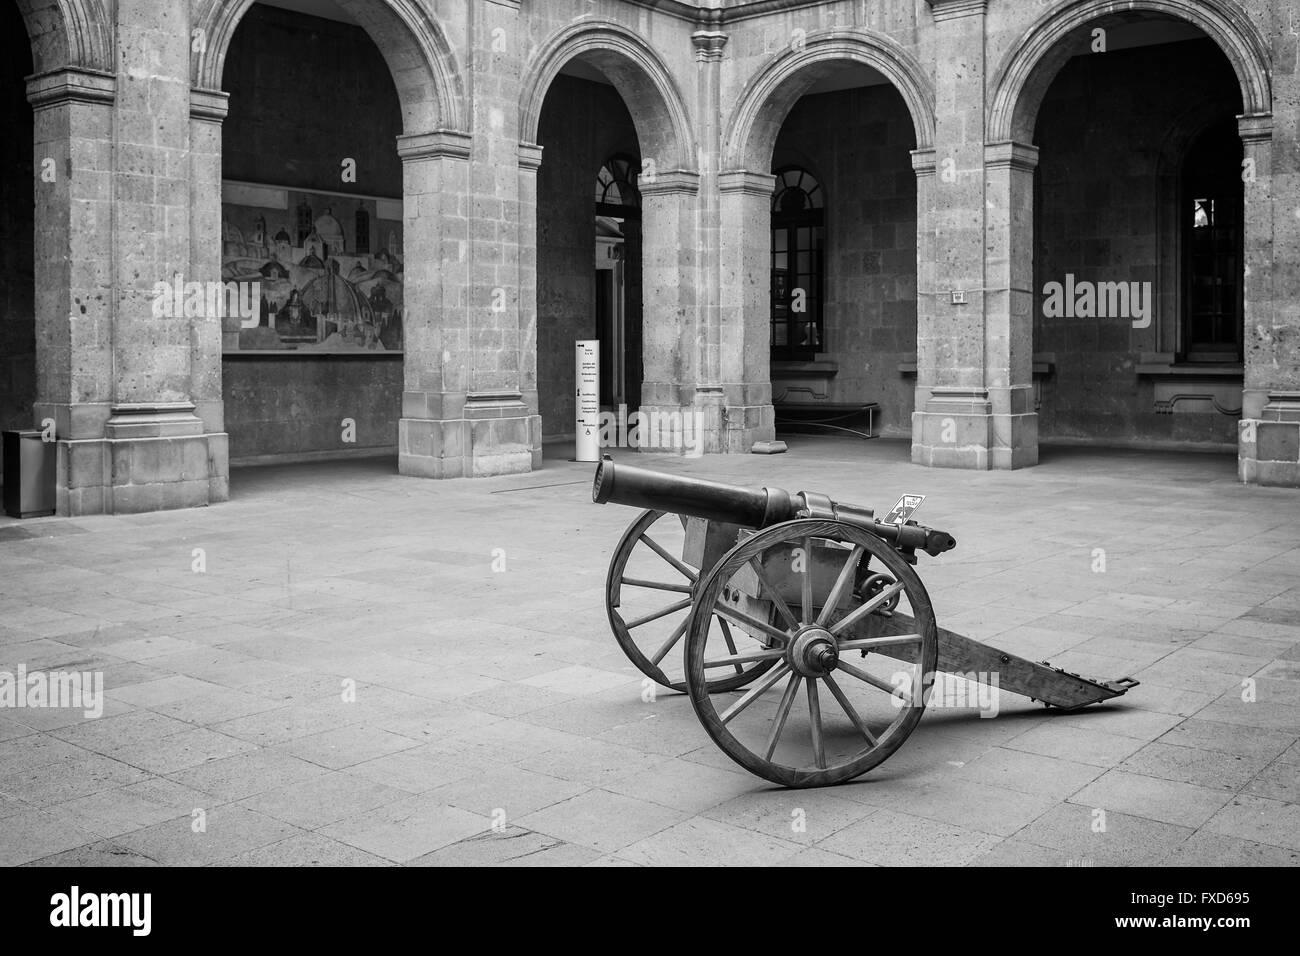 Museo Nacional de Historia in Castillo de Chapultepec in Mexico City - Stock Image